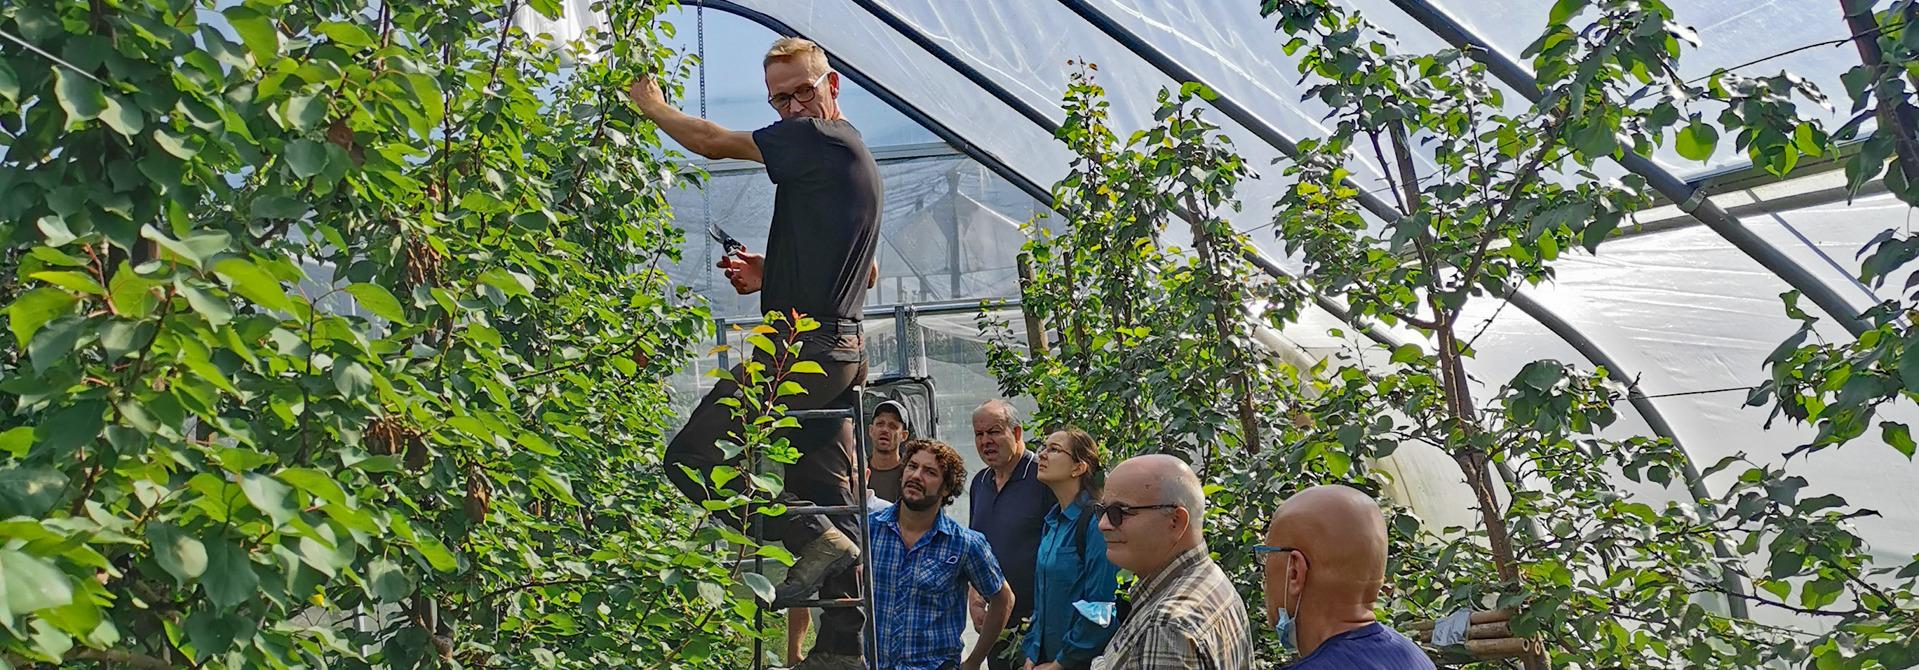 Ralf Merzenich zeigte in der Praxis den Schnitt der Aprikosen nach dem System Klickschnitt aus Nordholland.>